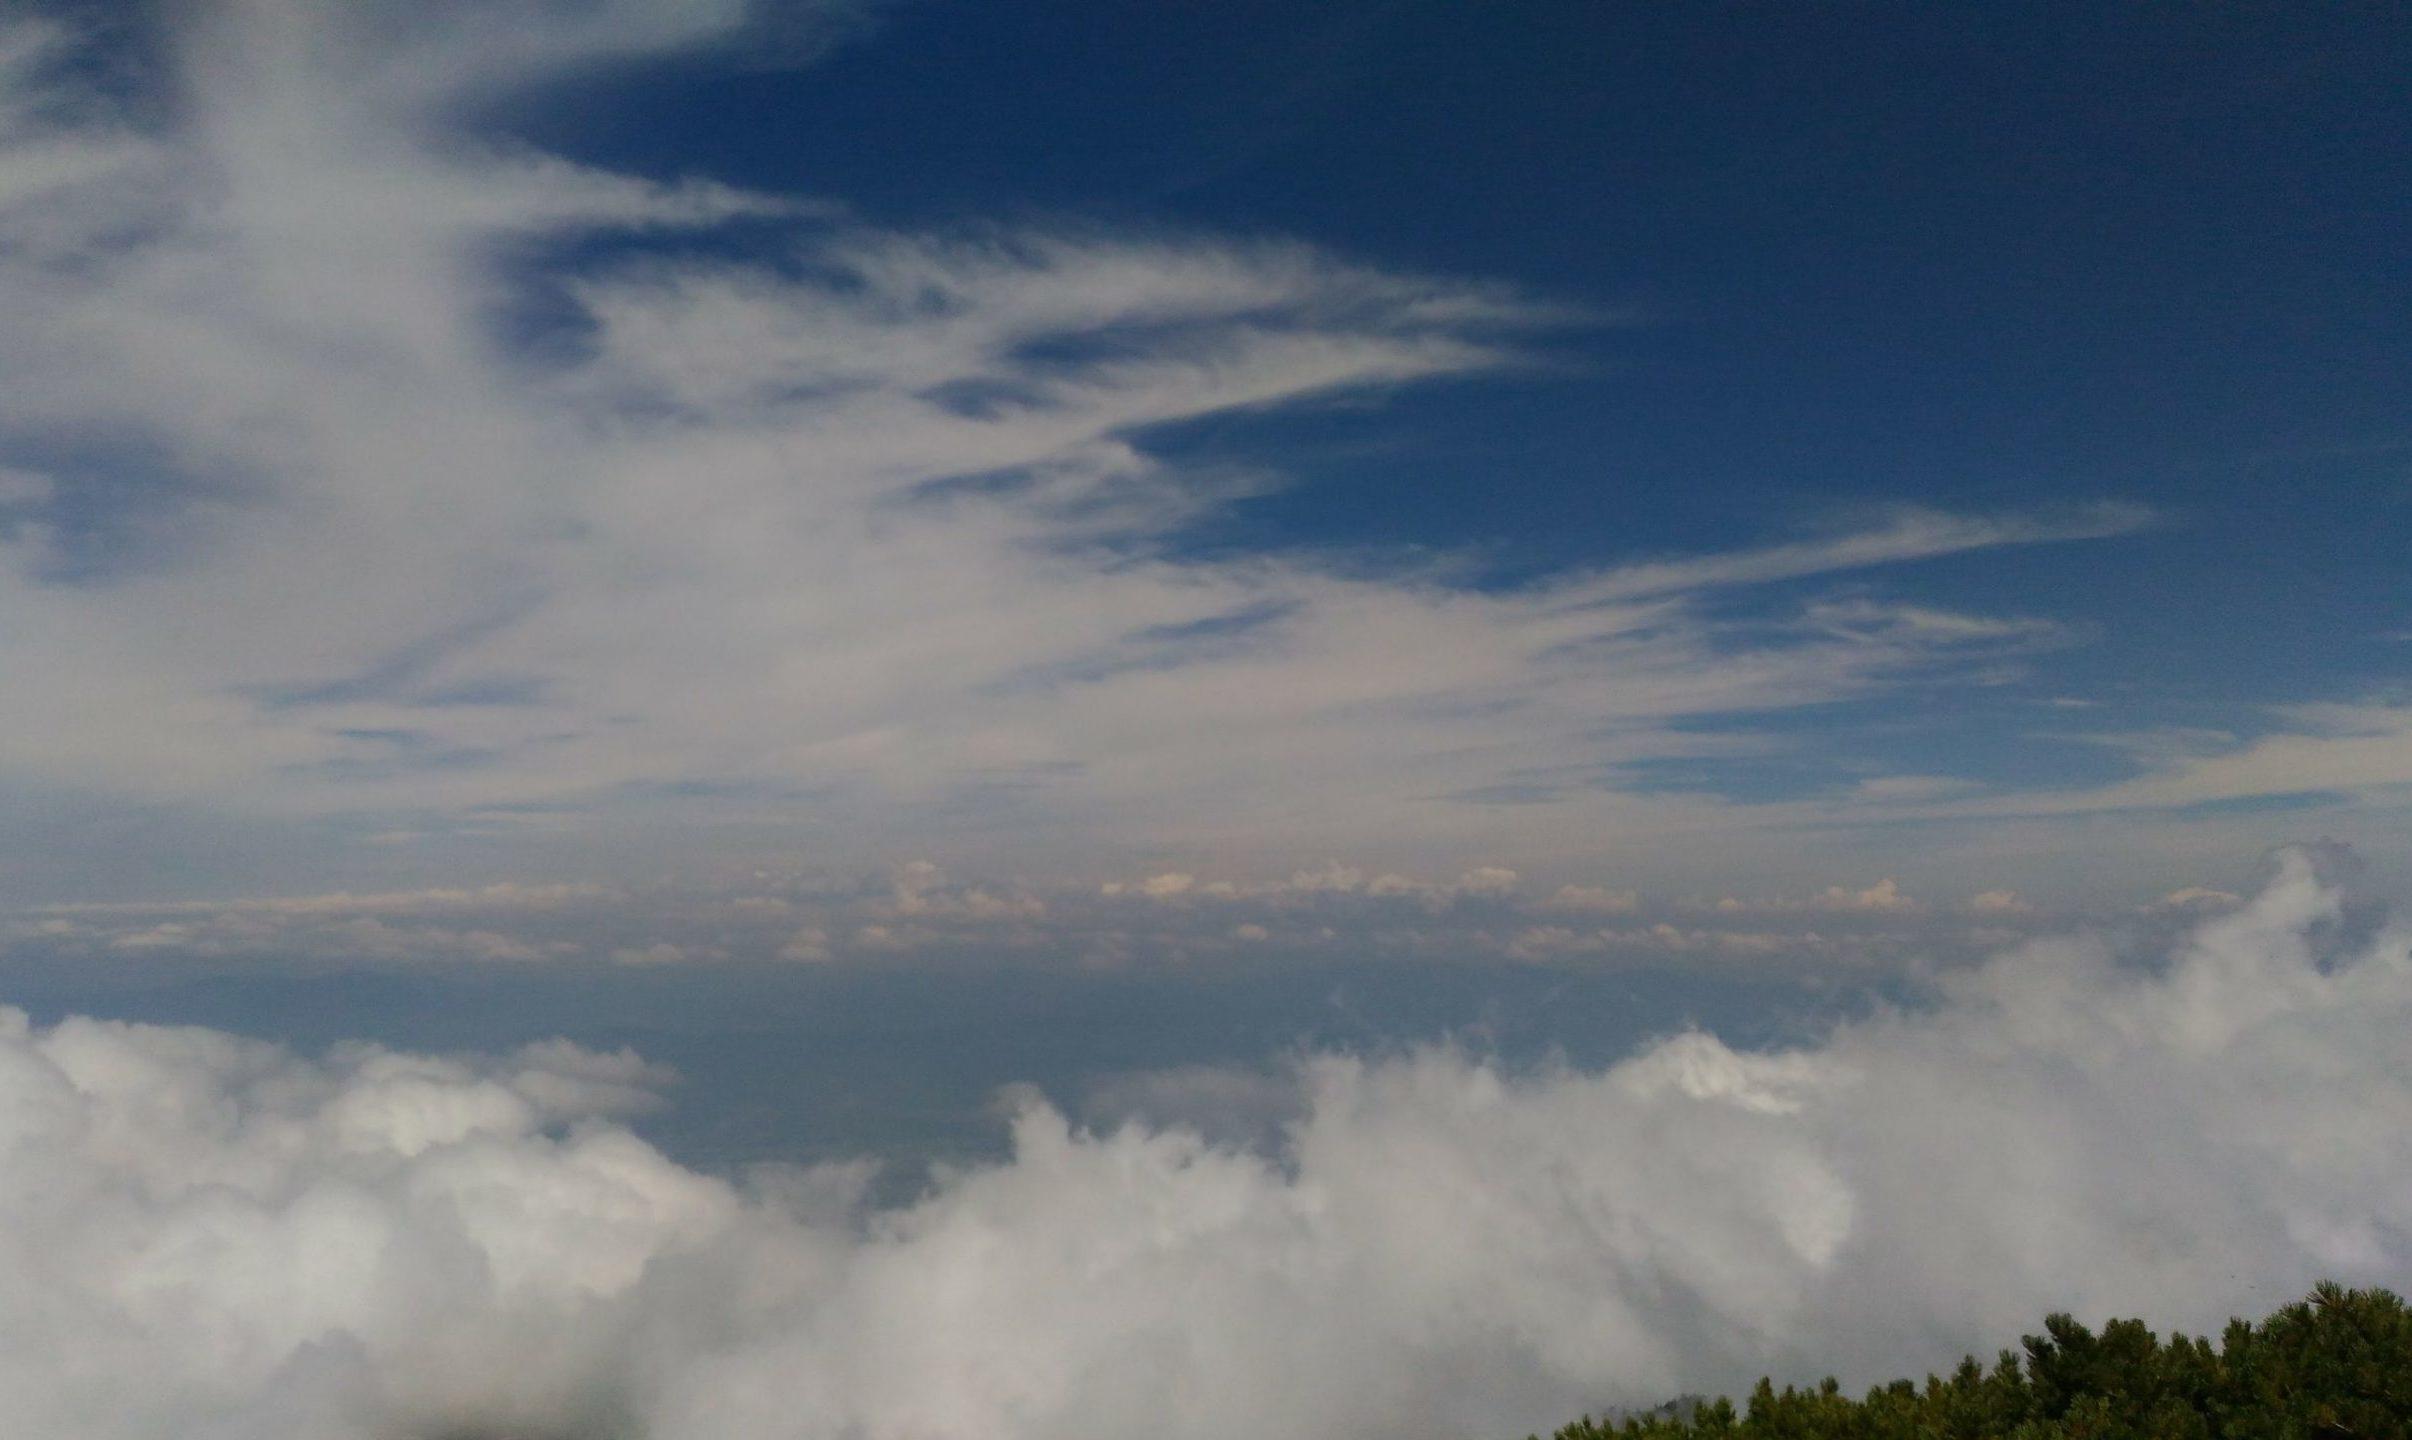 風の時代に入り変わると言われているこれからの動きについて私の思うこと。